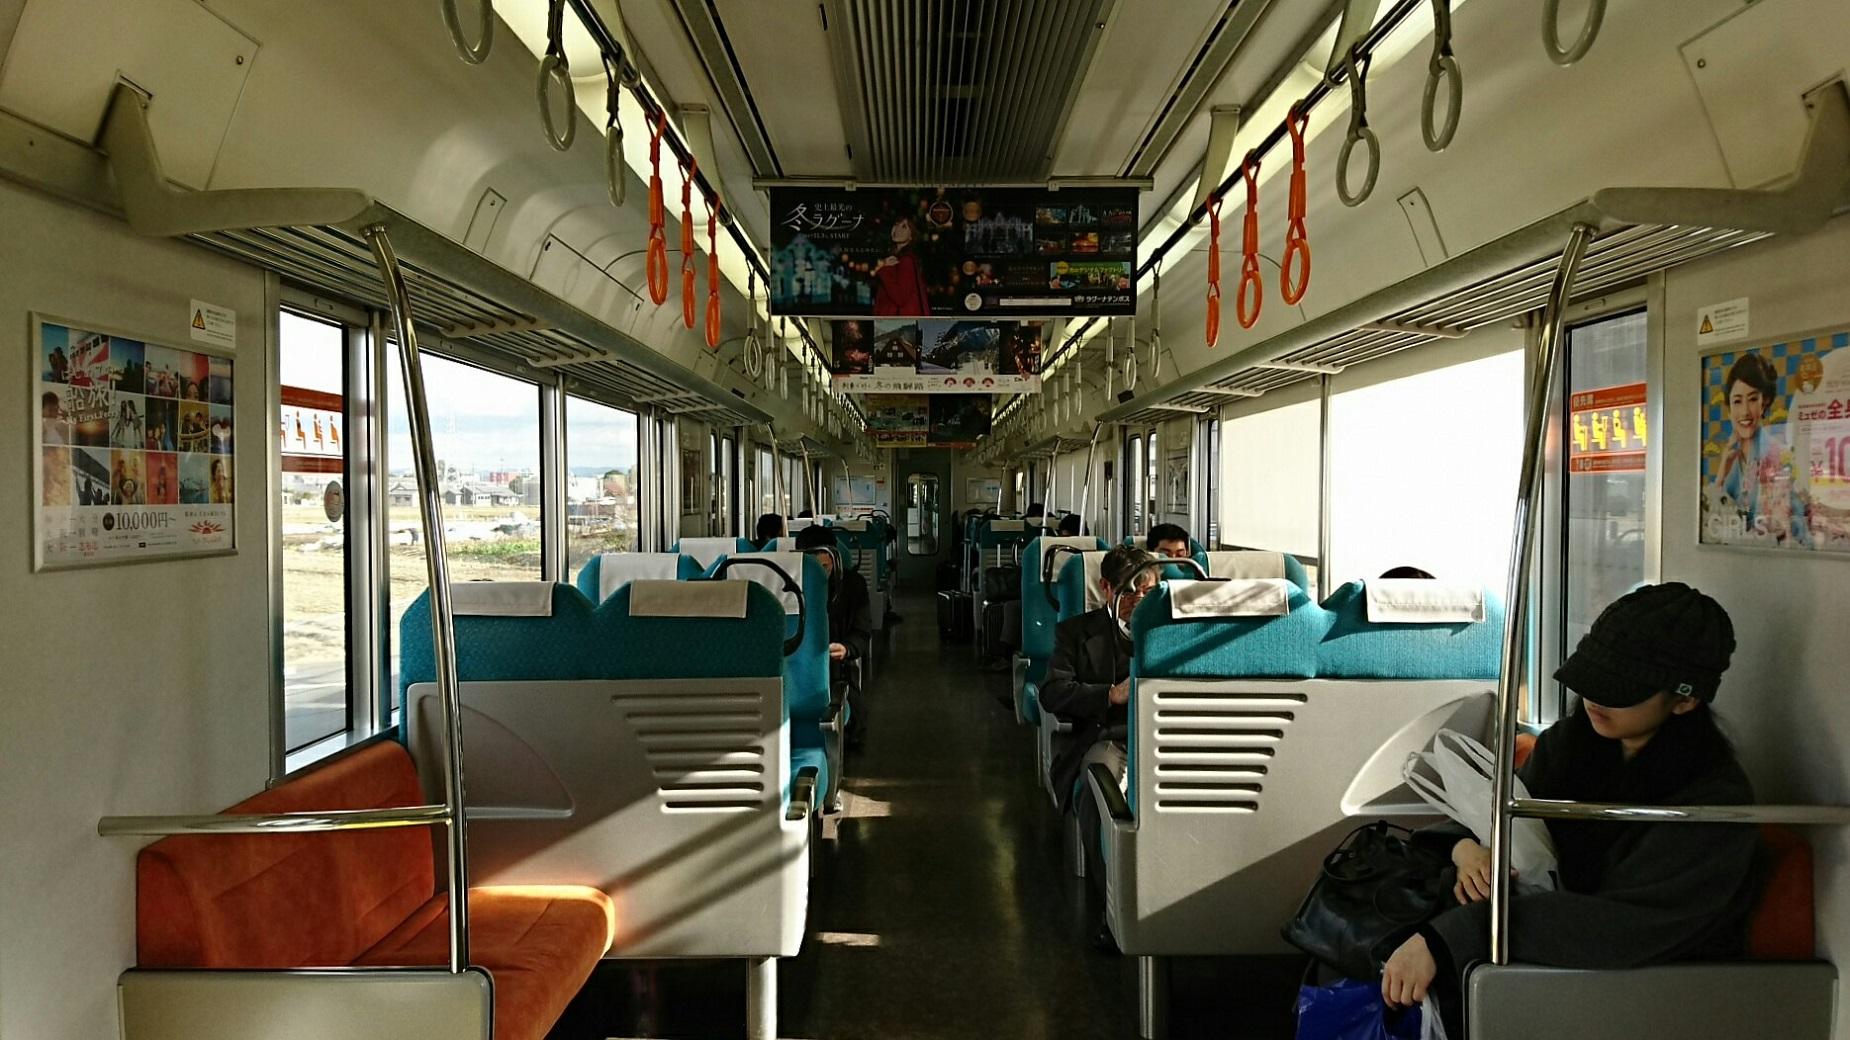 2018.1.18 豊橋いき新快速 (2) クハ312-3028 1850-1040